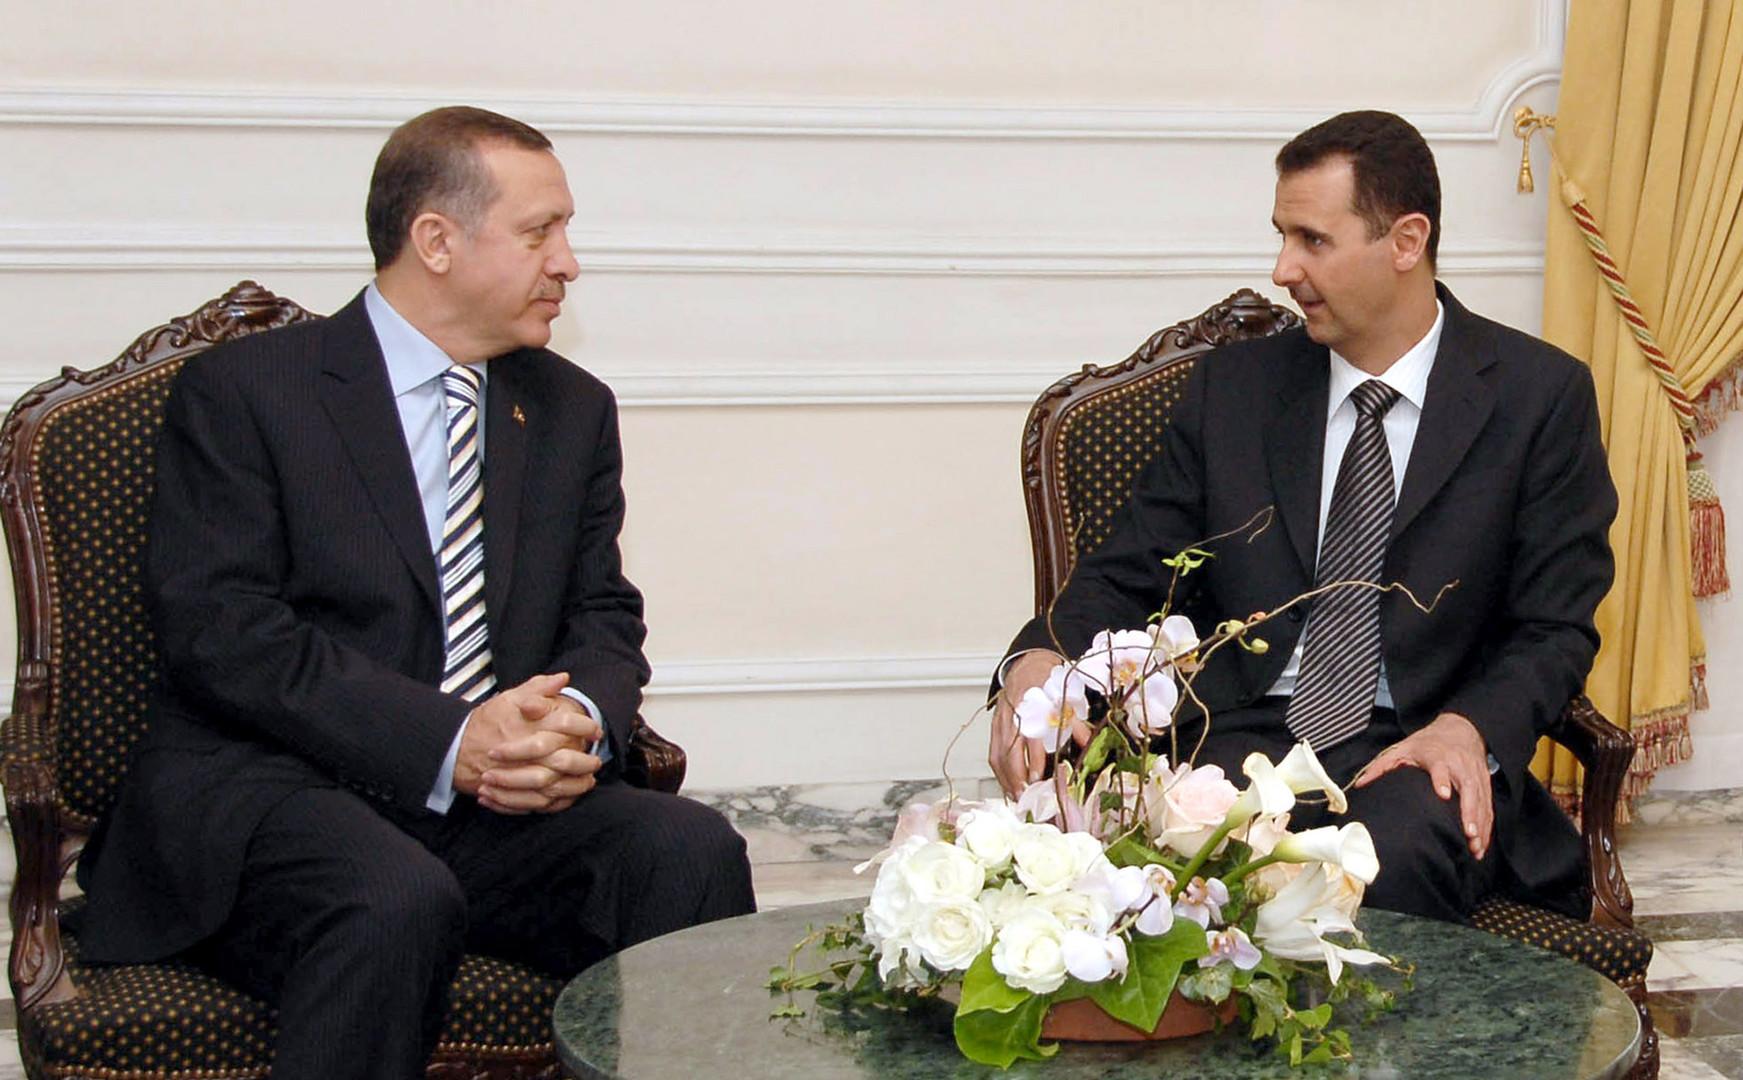 Асад обвинил Эрдогана в подстрекательстве конфликта в Карабахе Политика